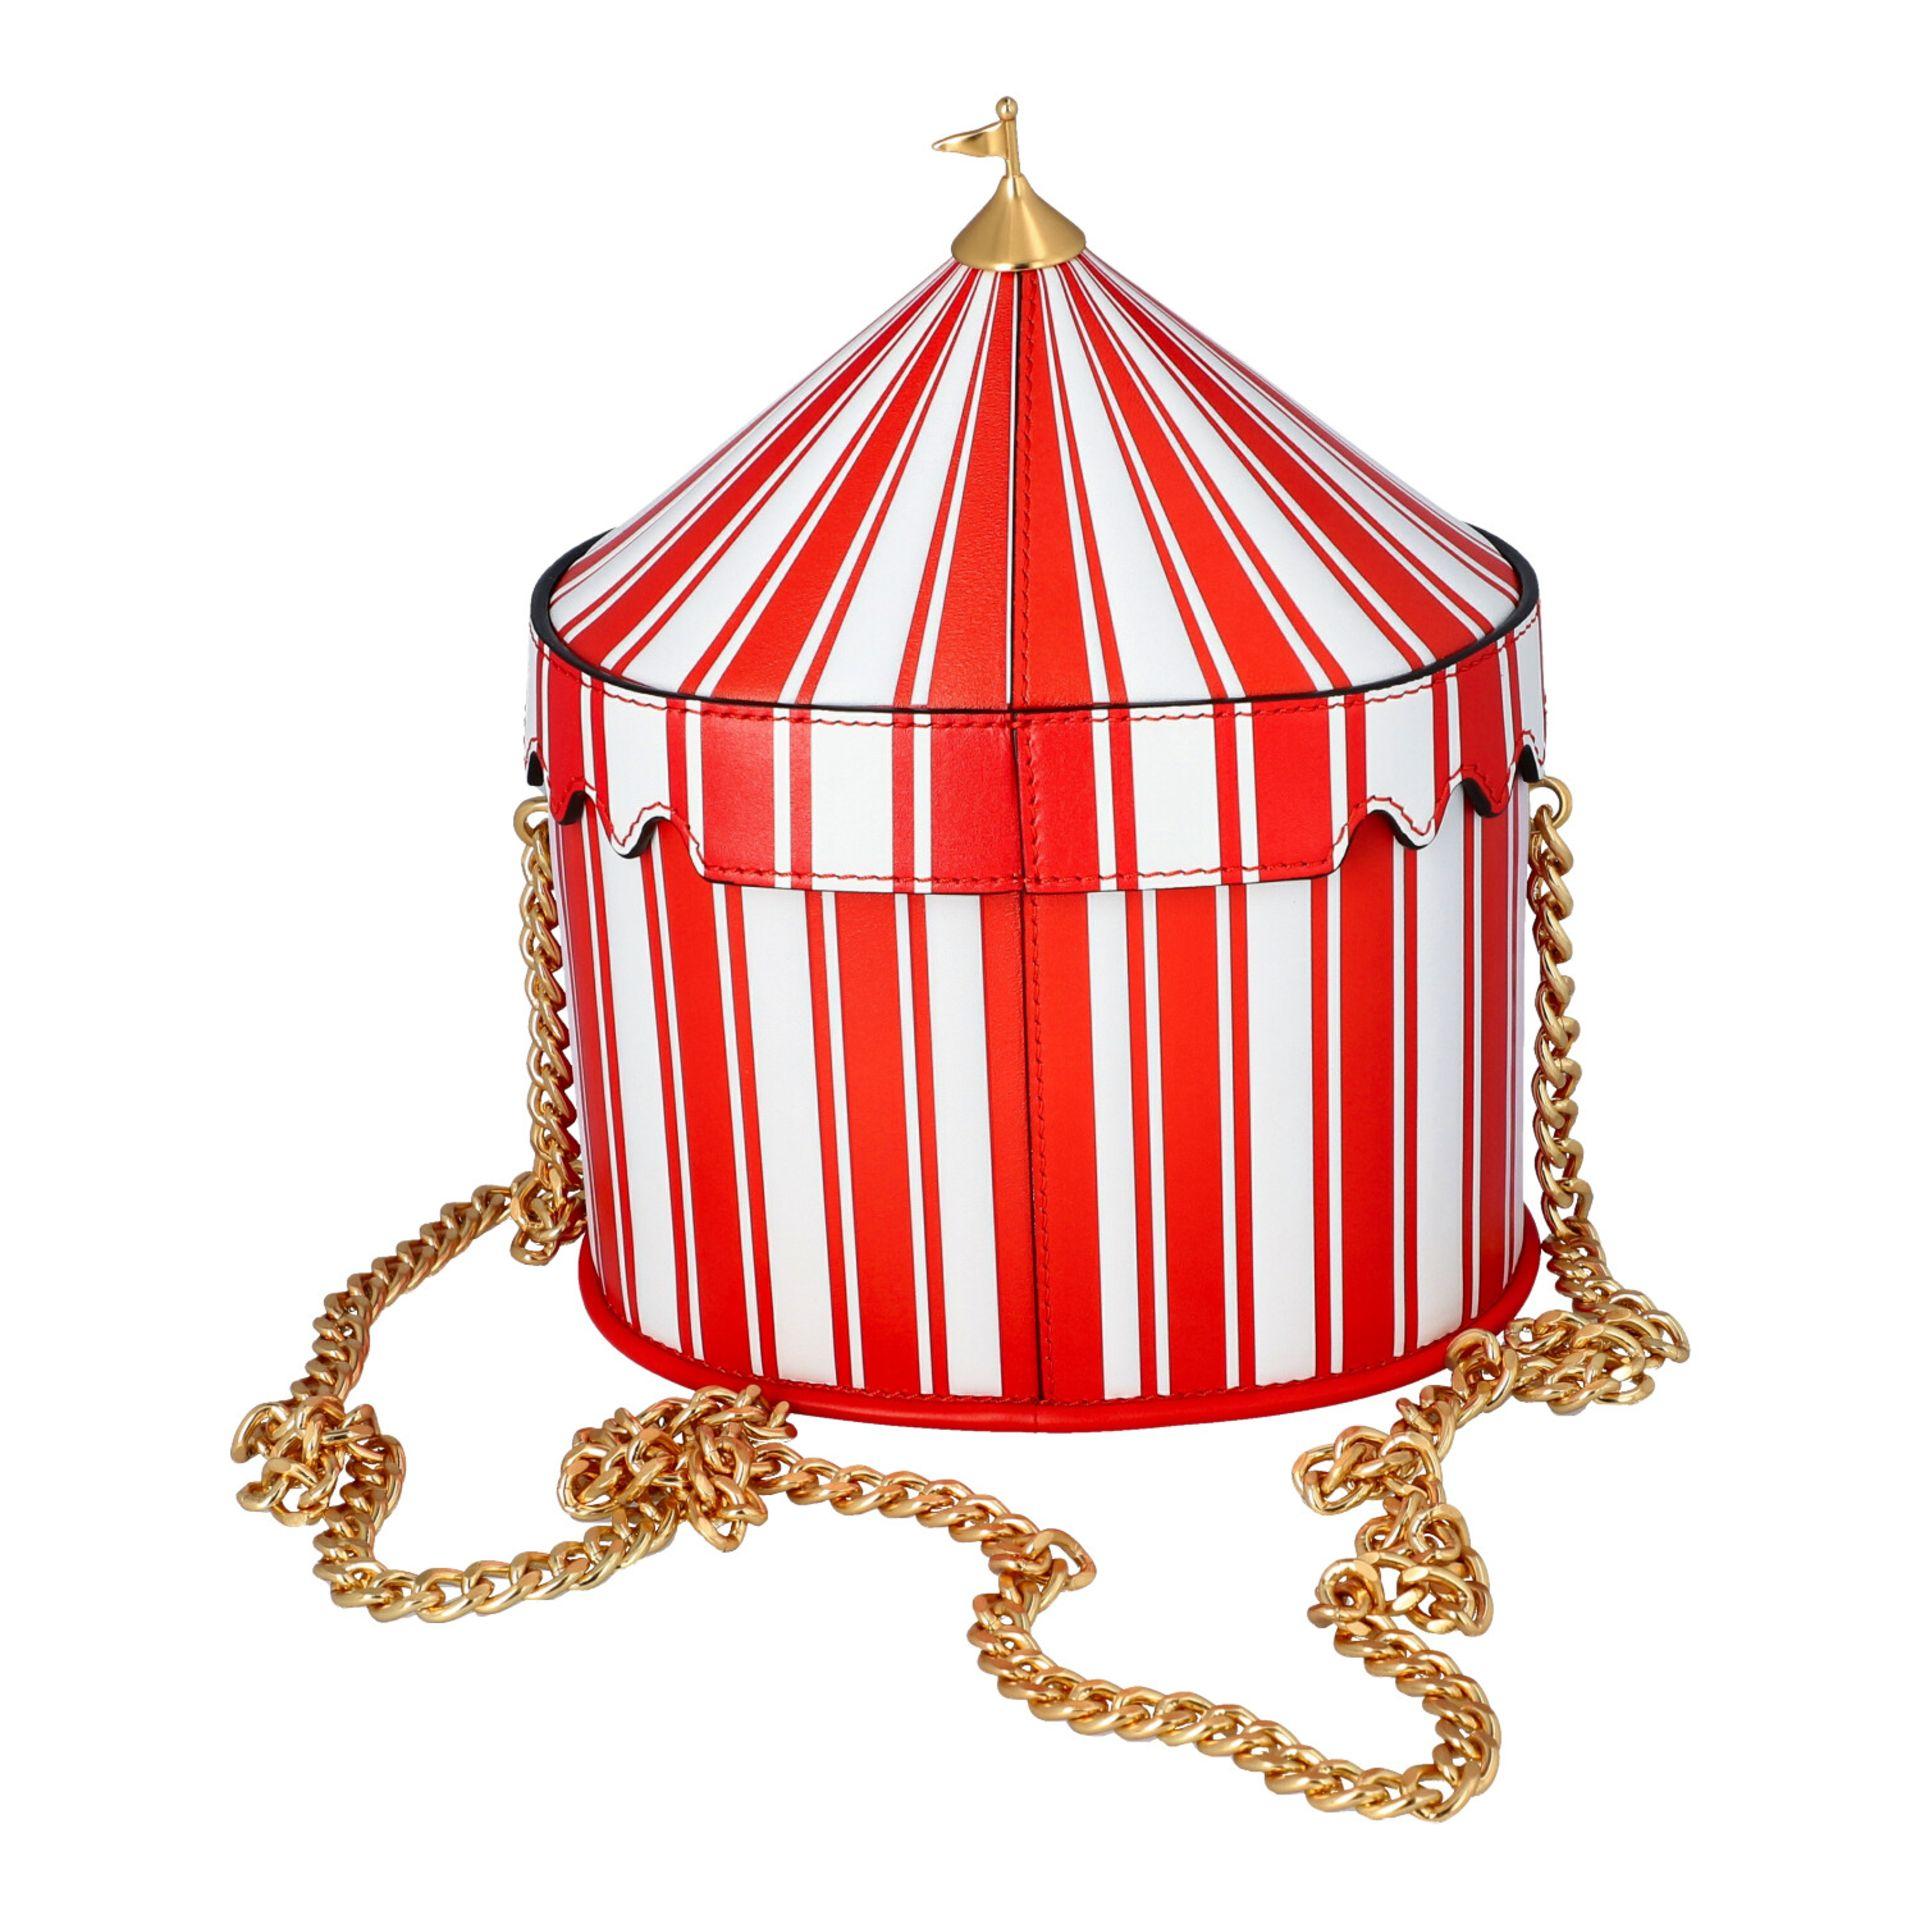 """MOSCHINO COUTURE Handtasche """"CIRCUS BAG"""", NP.: 1.100,-€. Kalbsleder in Zirkus-Zelt-D - Image 4 of 7"""